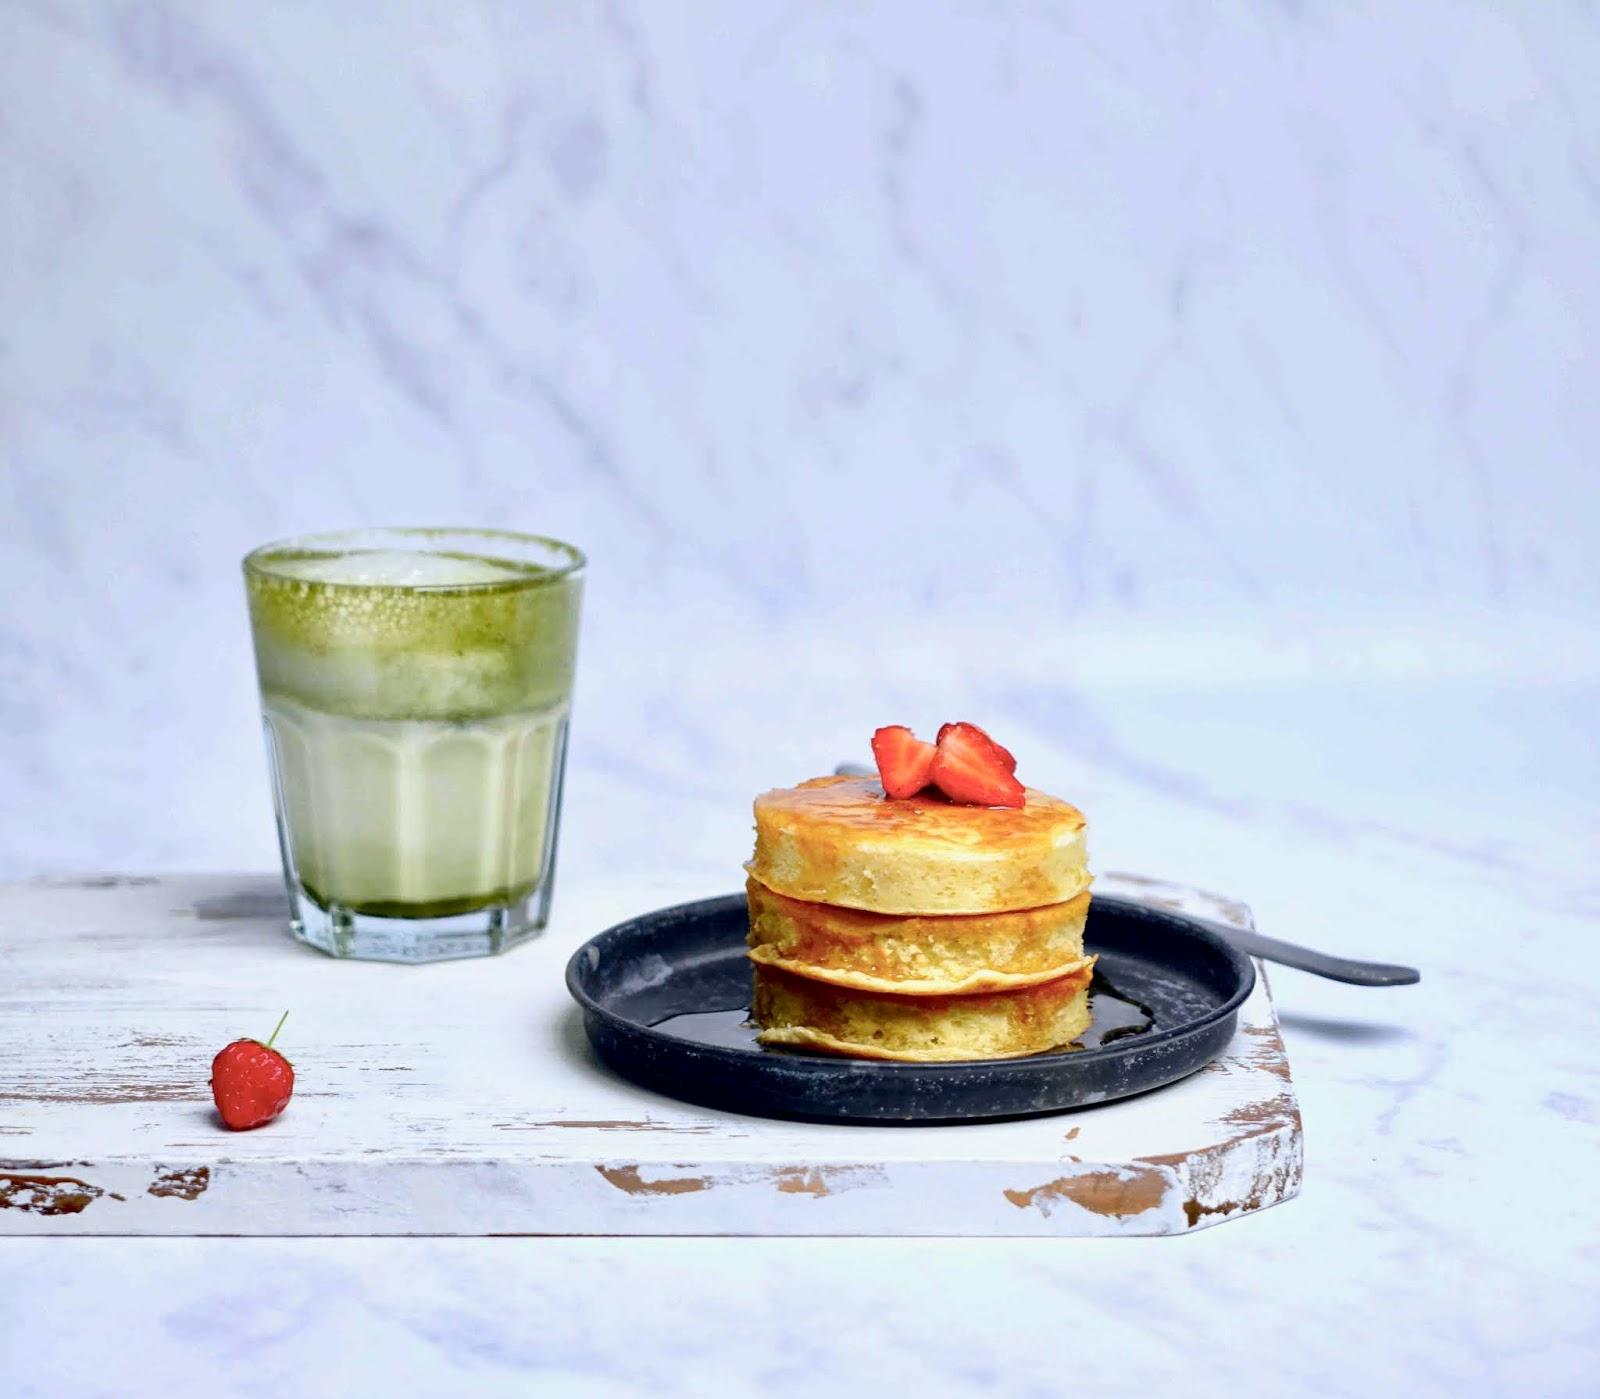 pancakes gourmands du dimanche , Season café , pancakes fluffy